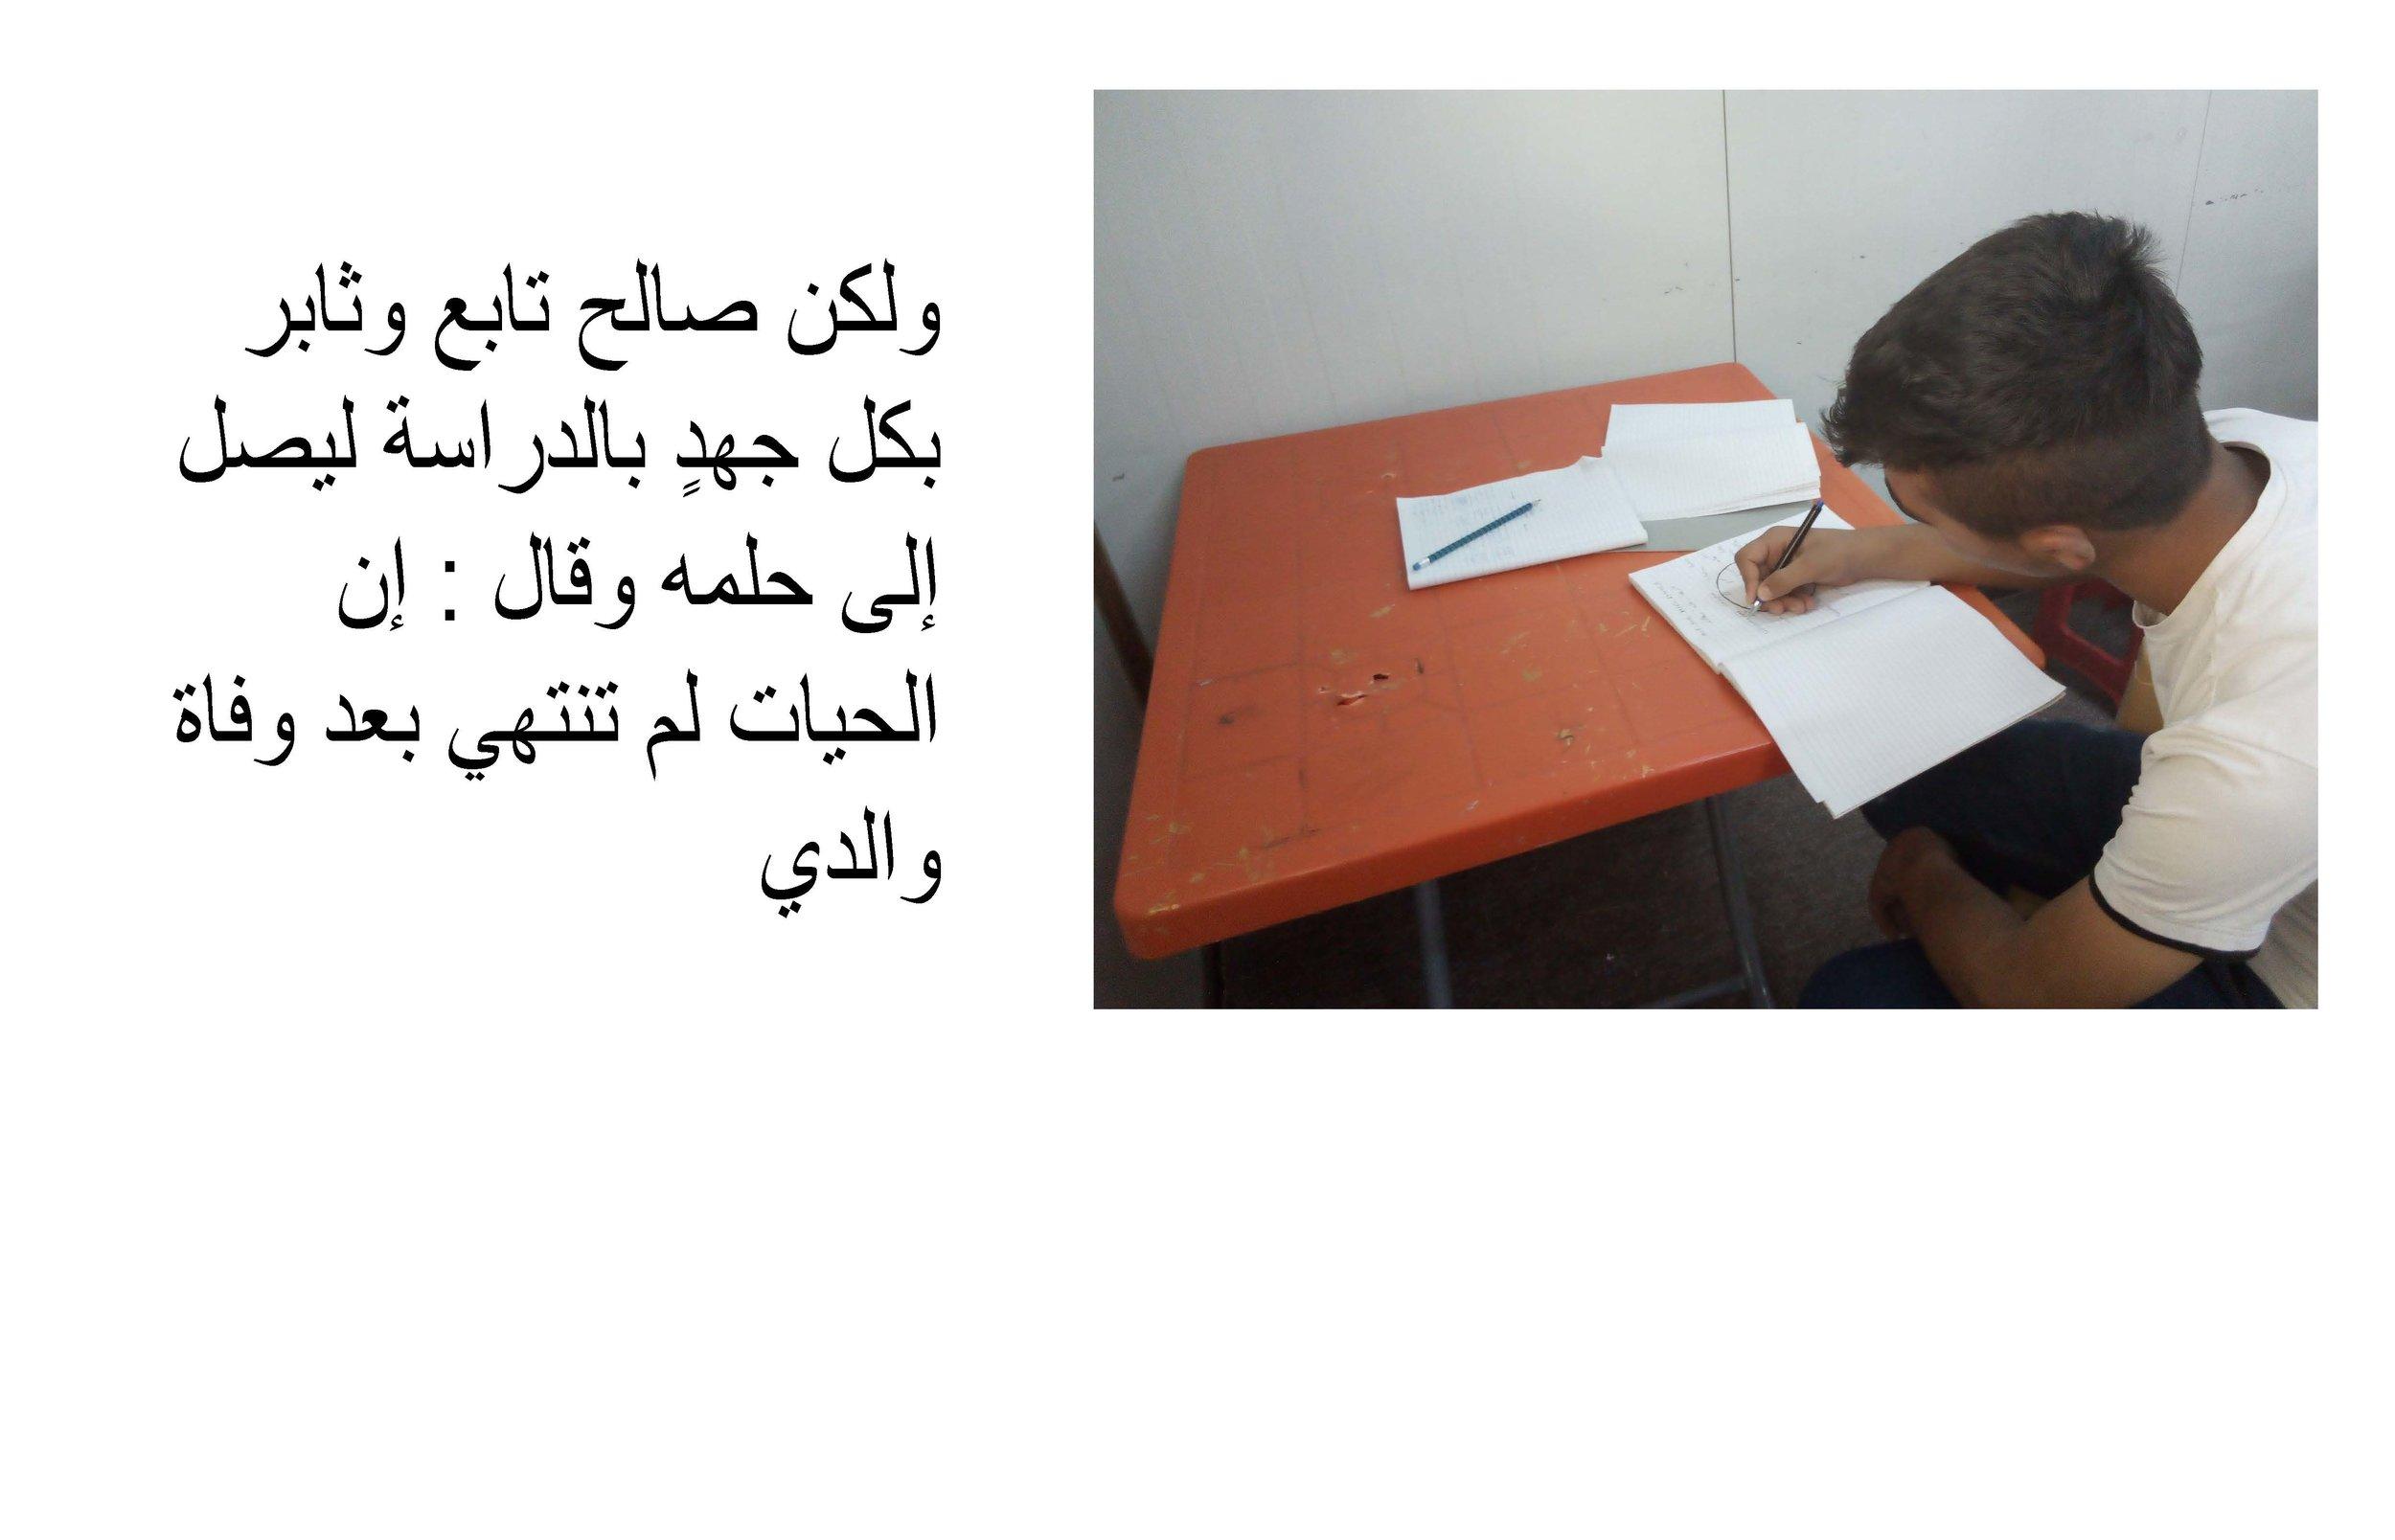 قصة_Page_08.jpg